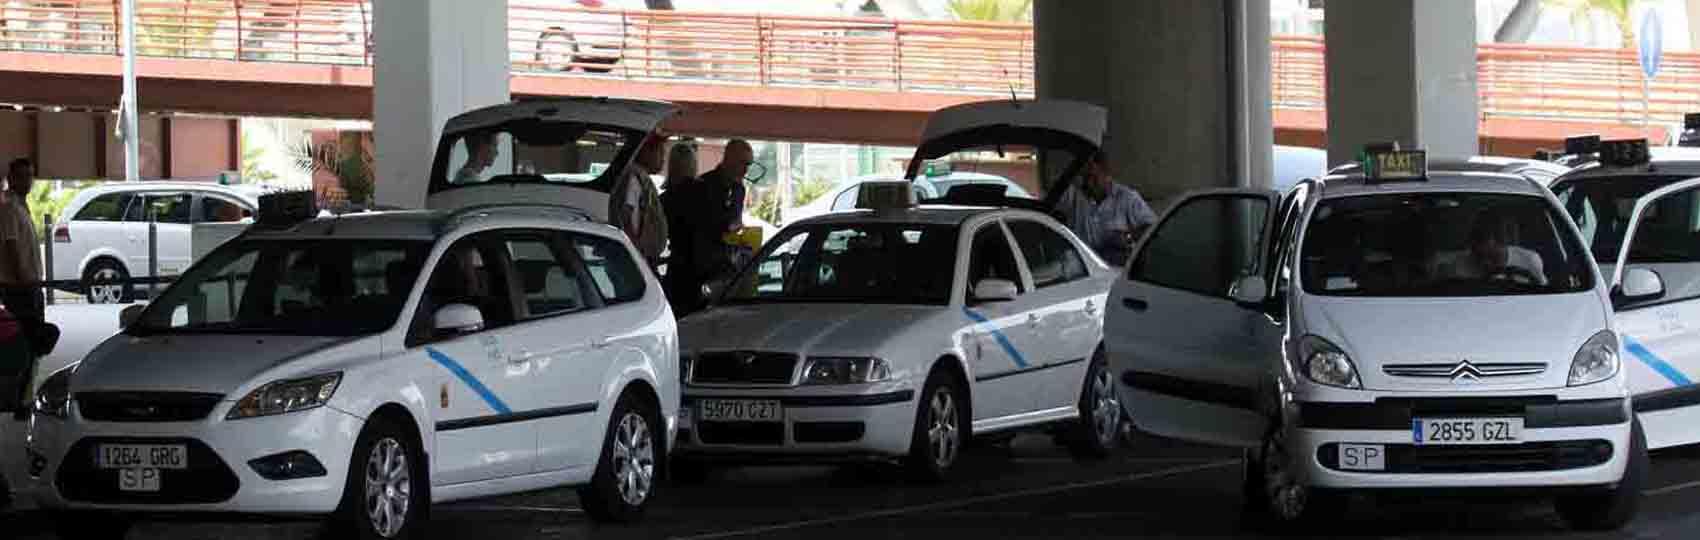 Noticias del sector del taxi y la movilidad en Málaga. Mantente informado de todas las noticias del taxi de Málaga en el grupo de Facebook de Todo Taxi.